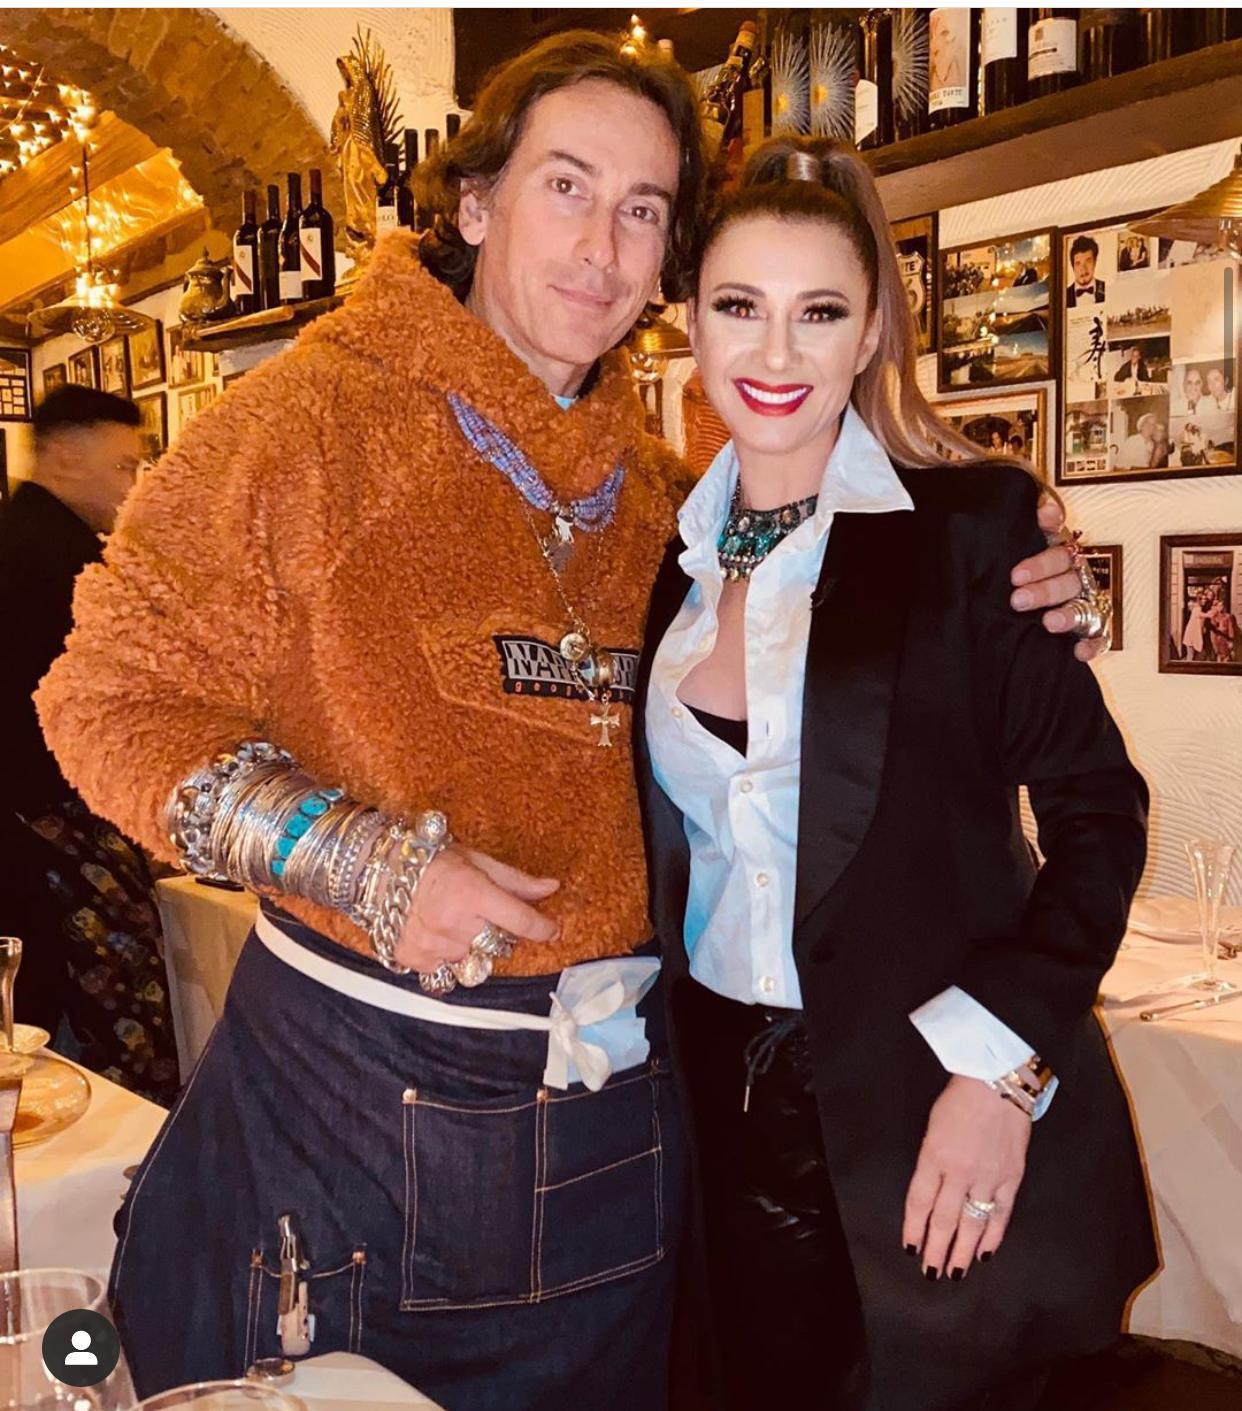 Prințul Soldano a servit-o! Anamaria Prodan, cinã la unul dintre cele mai bune restaurante din lume, în Florenţa